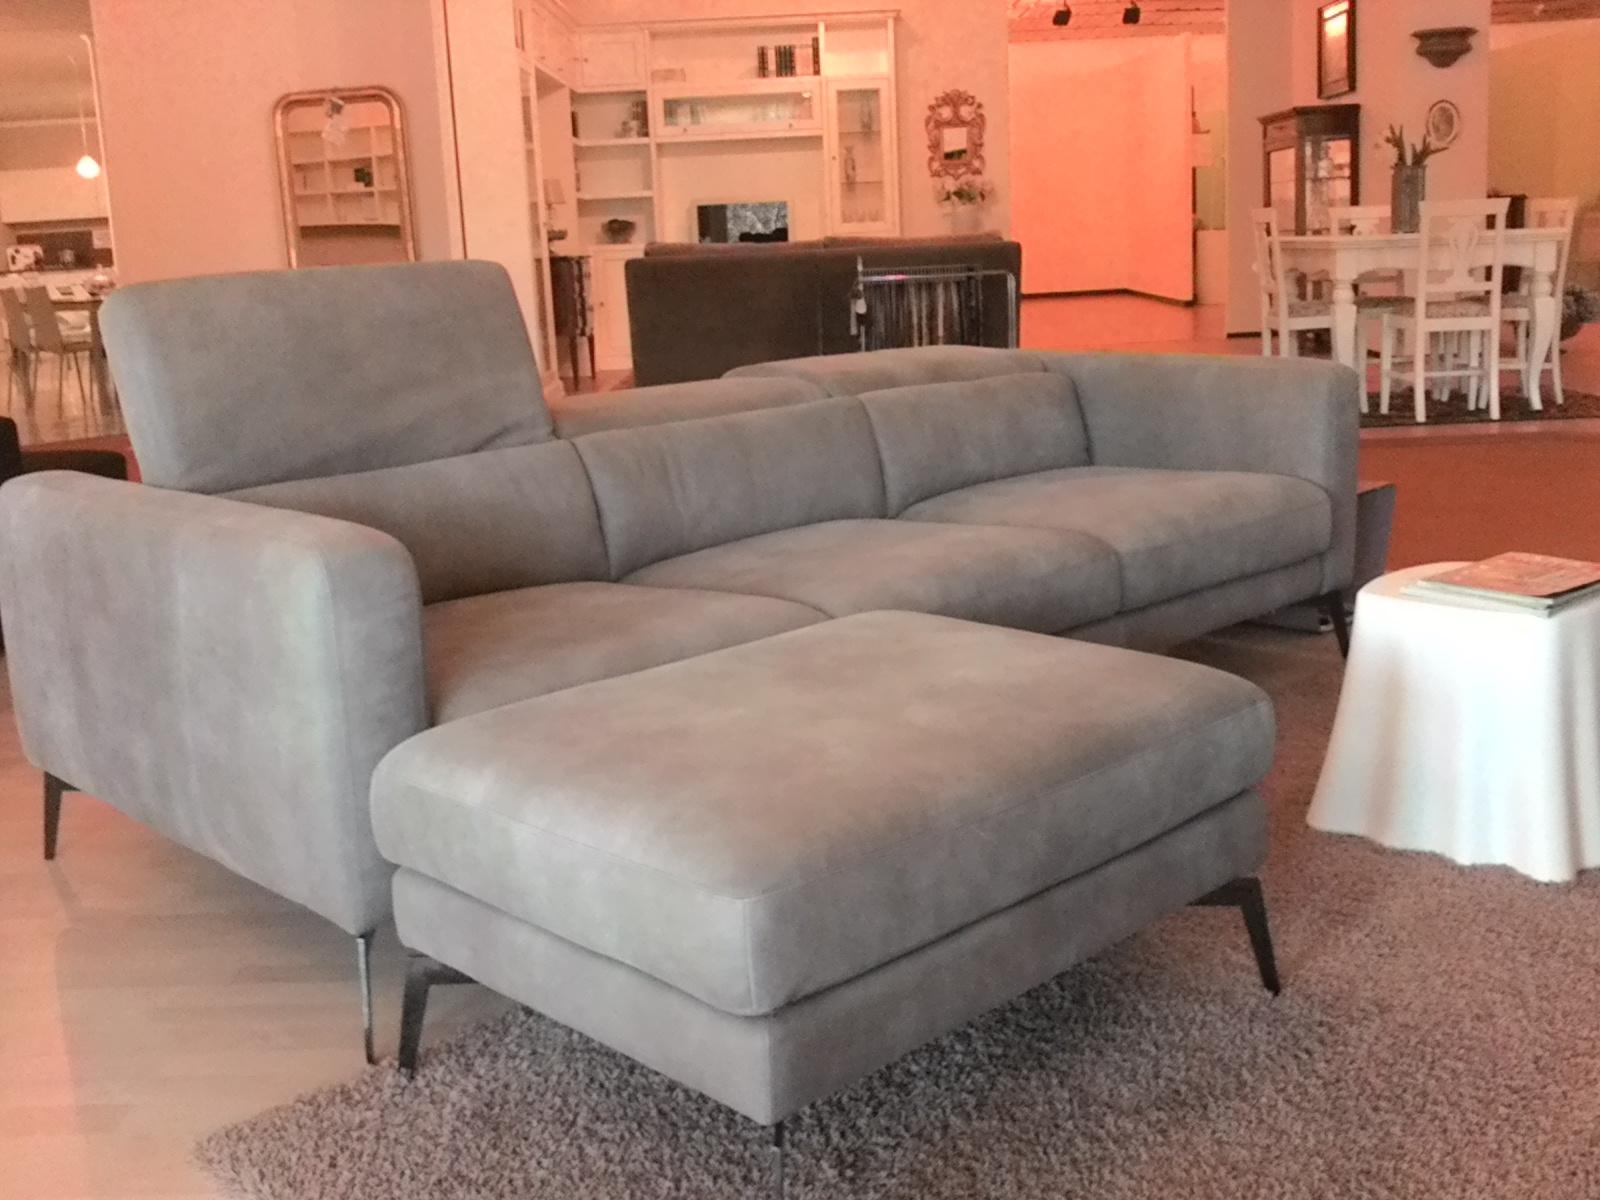 Rosini divano mantova divani lineari pelle divano 3 posti for Divano letto 4 posti lineare